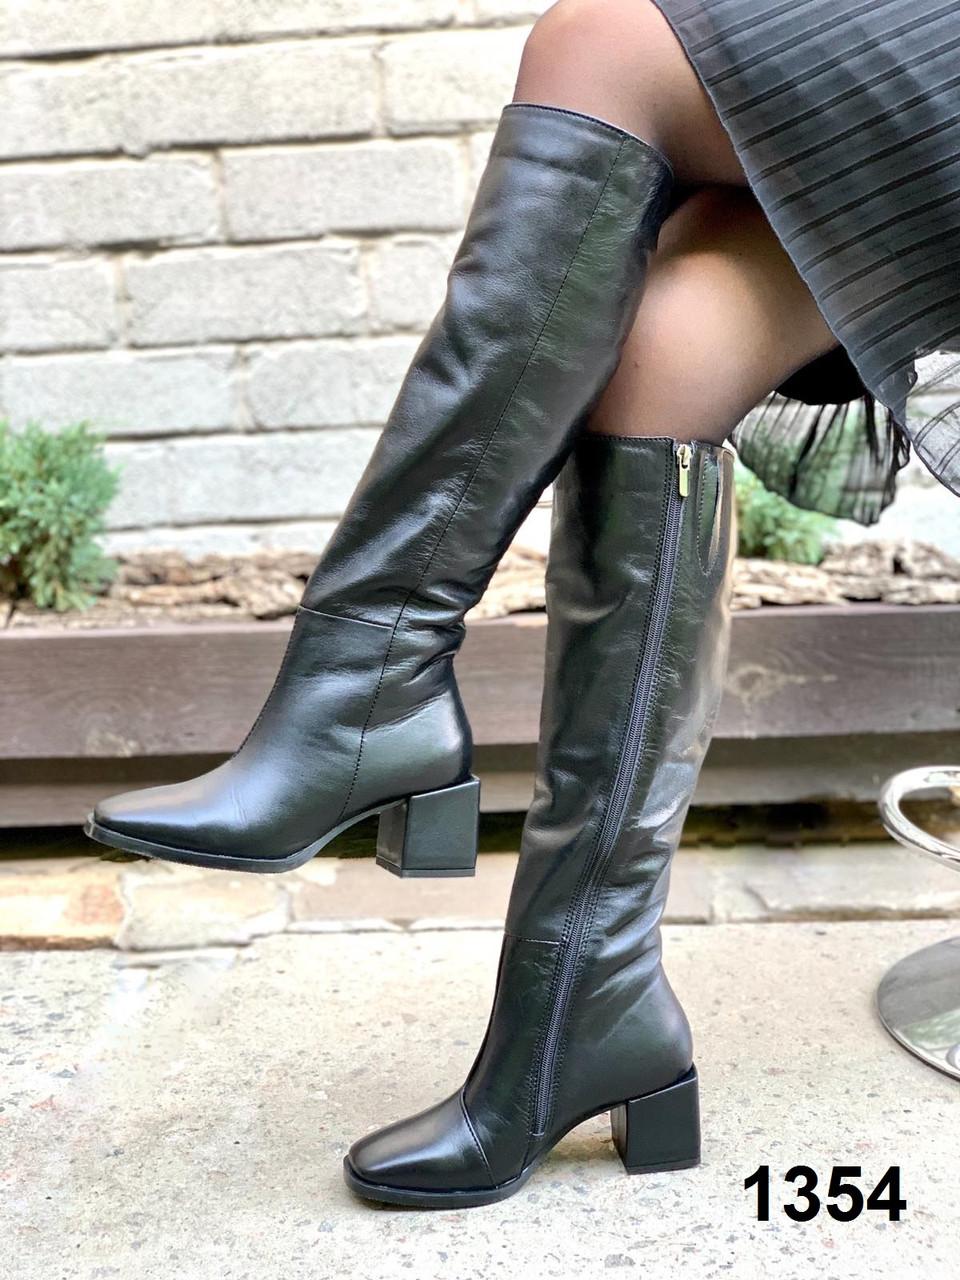 Сапоги женские деми кожаные черные на каблуке с тупым носком